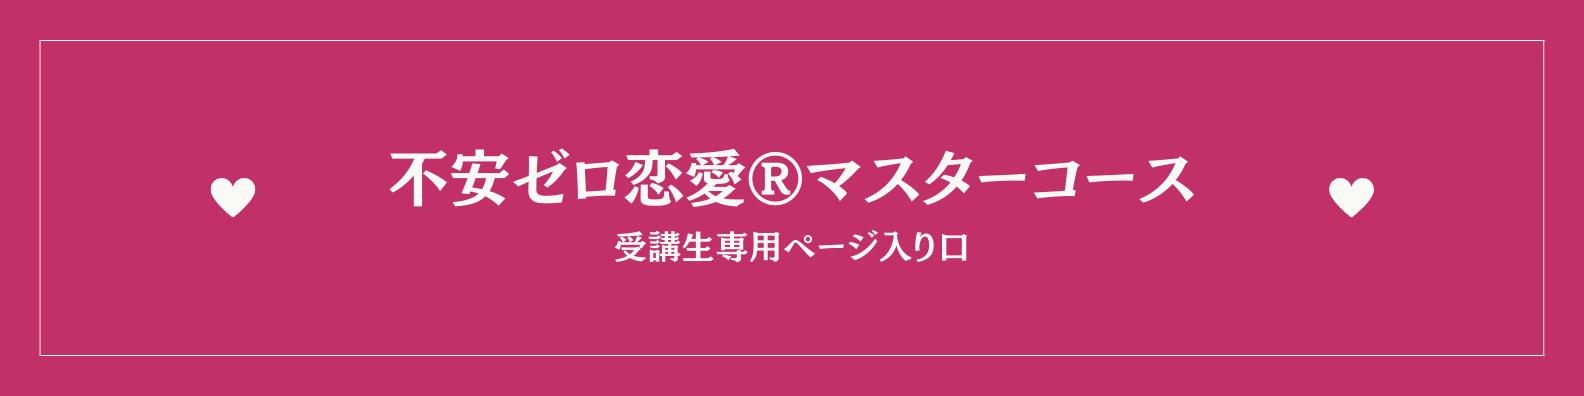 不安ゼロ恋愛マスターコース<受講生専用サイト>